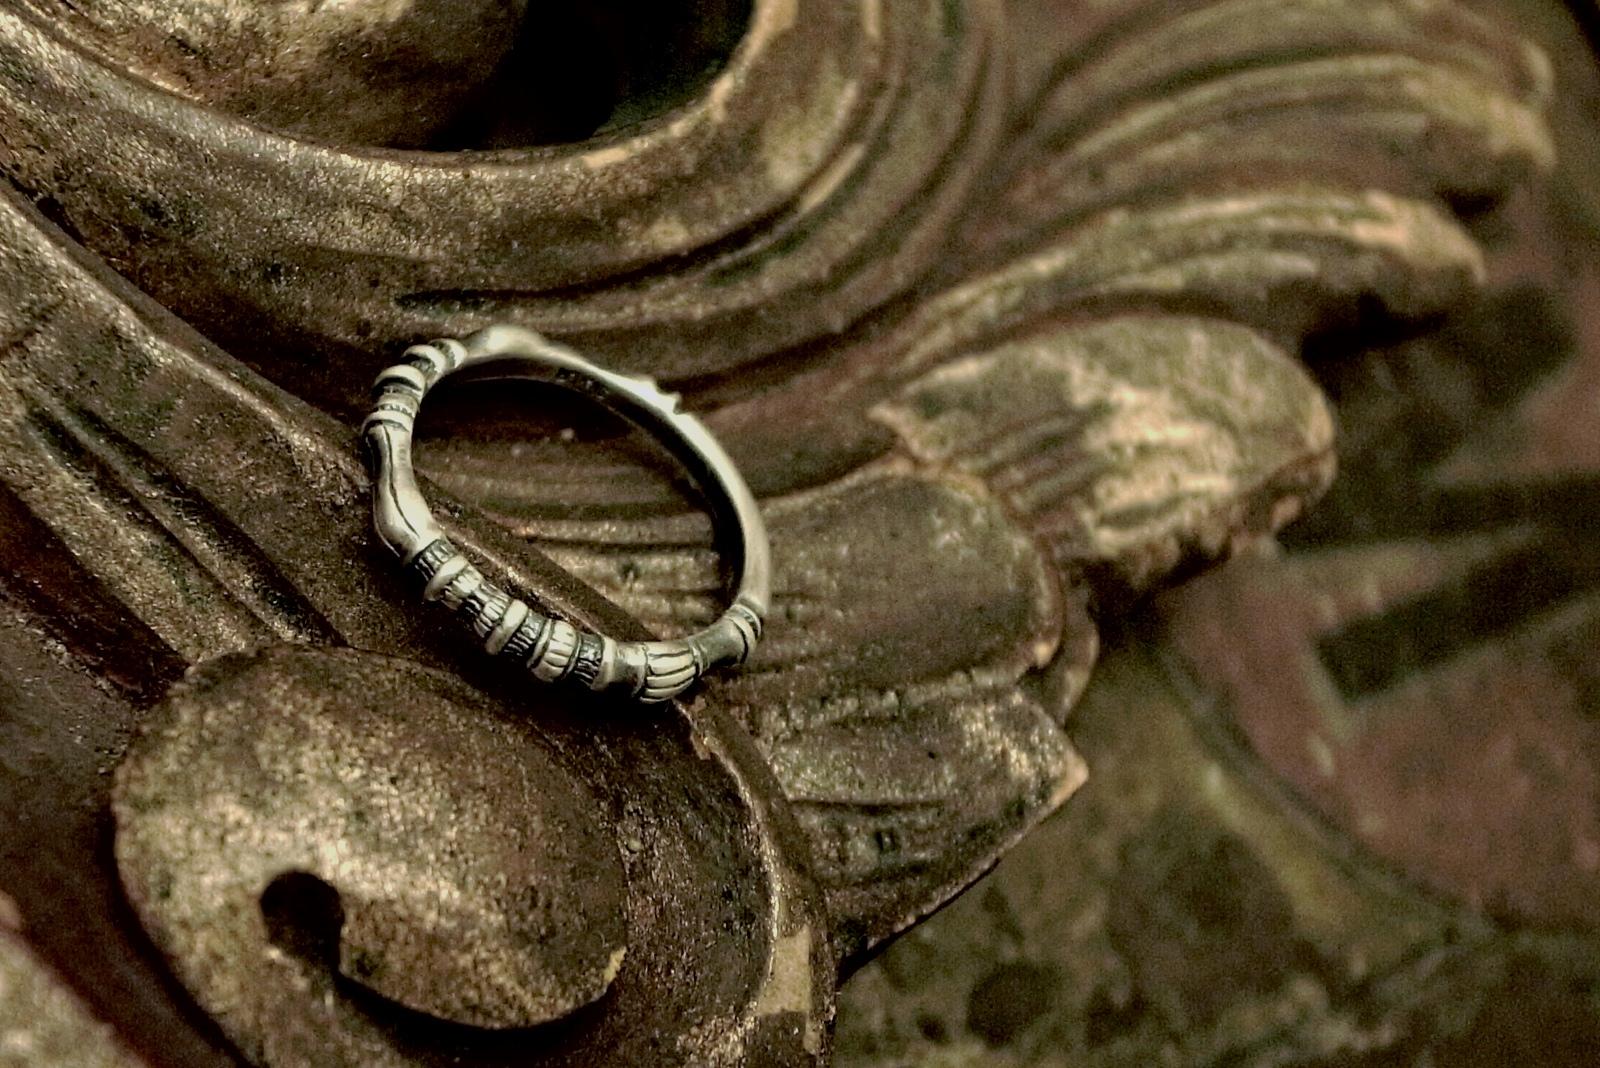 非対称なデザインなので着ける向きや位置で表情が違う【Bougeoir Ring】